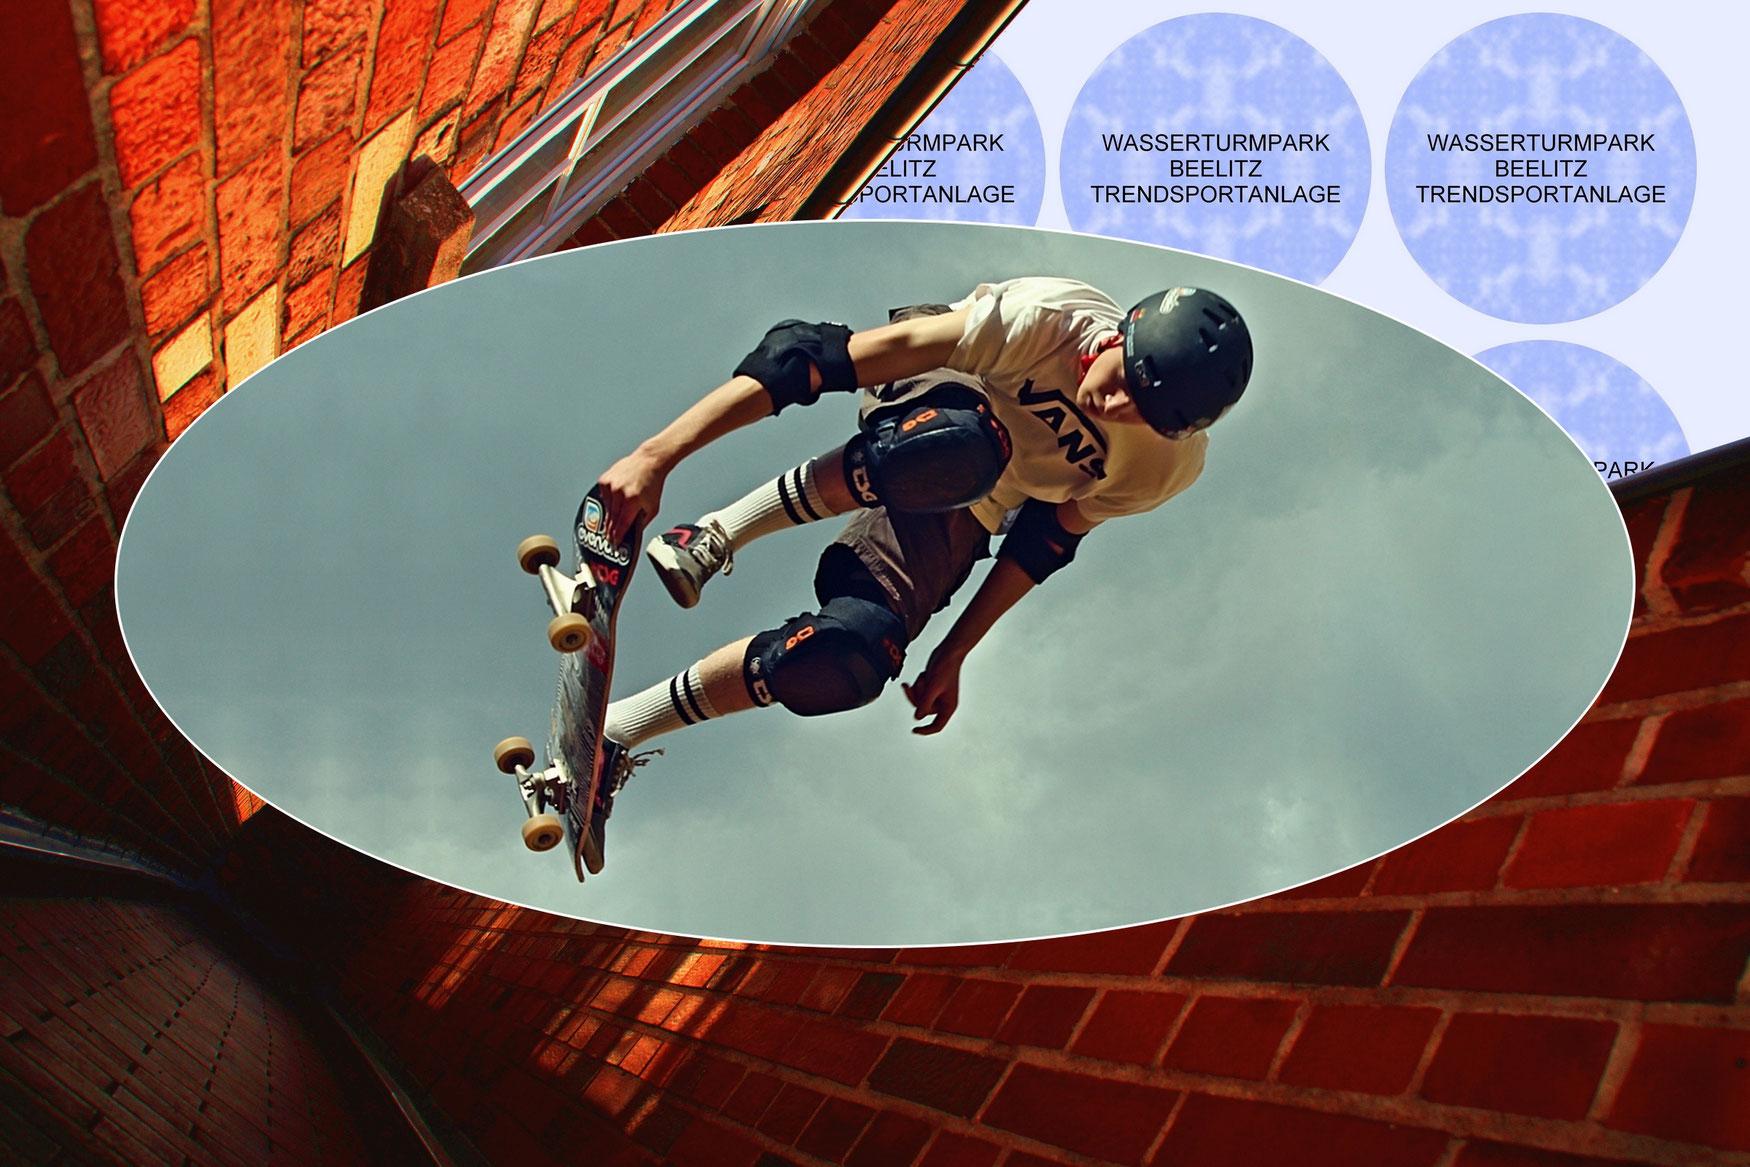 Trendsportanlage im Wasserturmpark Beelitz